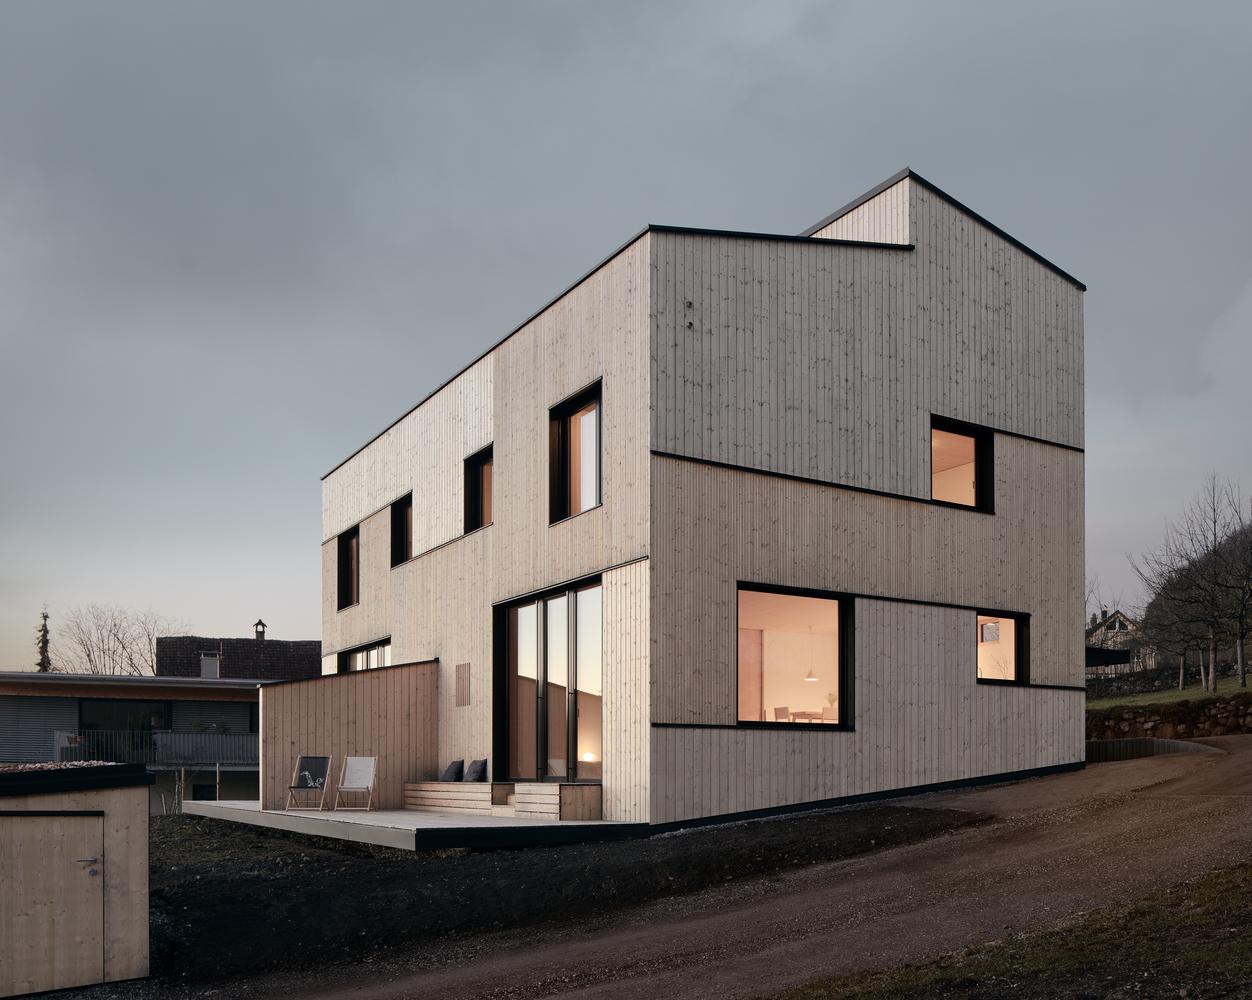 Lukas Mähr, Haus in Hohenems